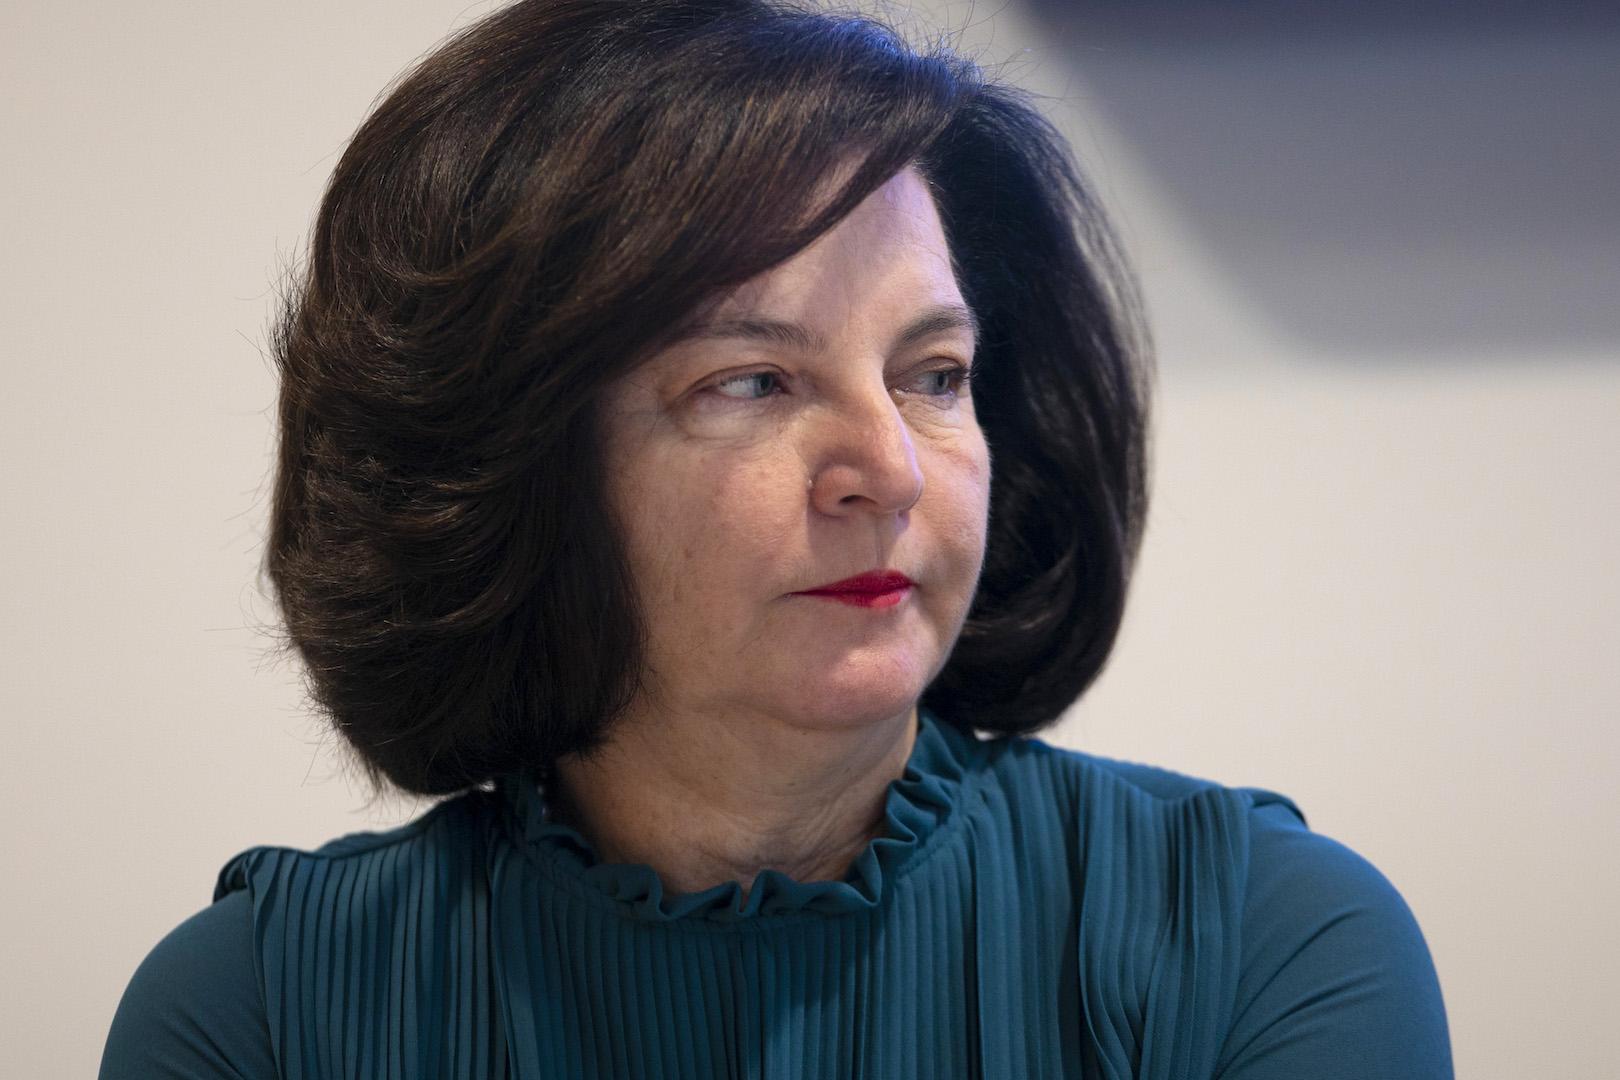 A atual procuradora-geral da República, Raquel Dodge, não se candidatou ao posto